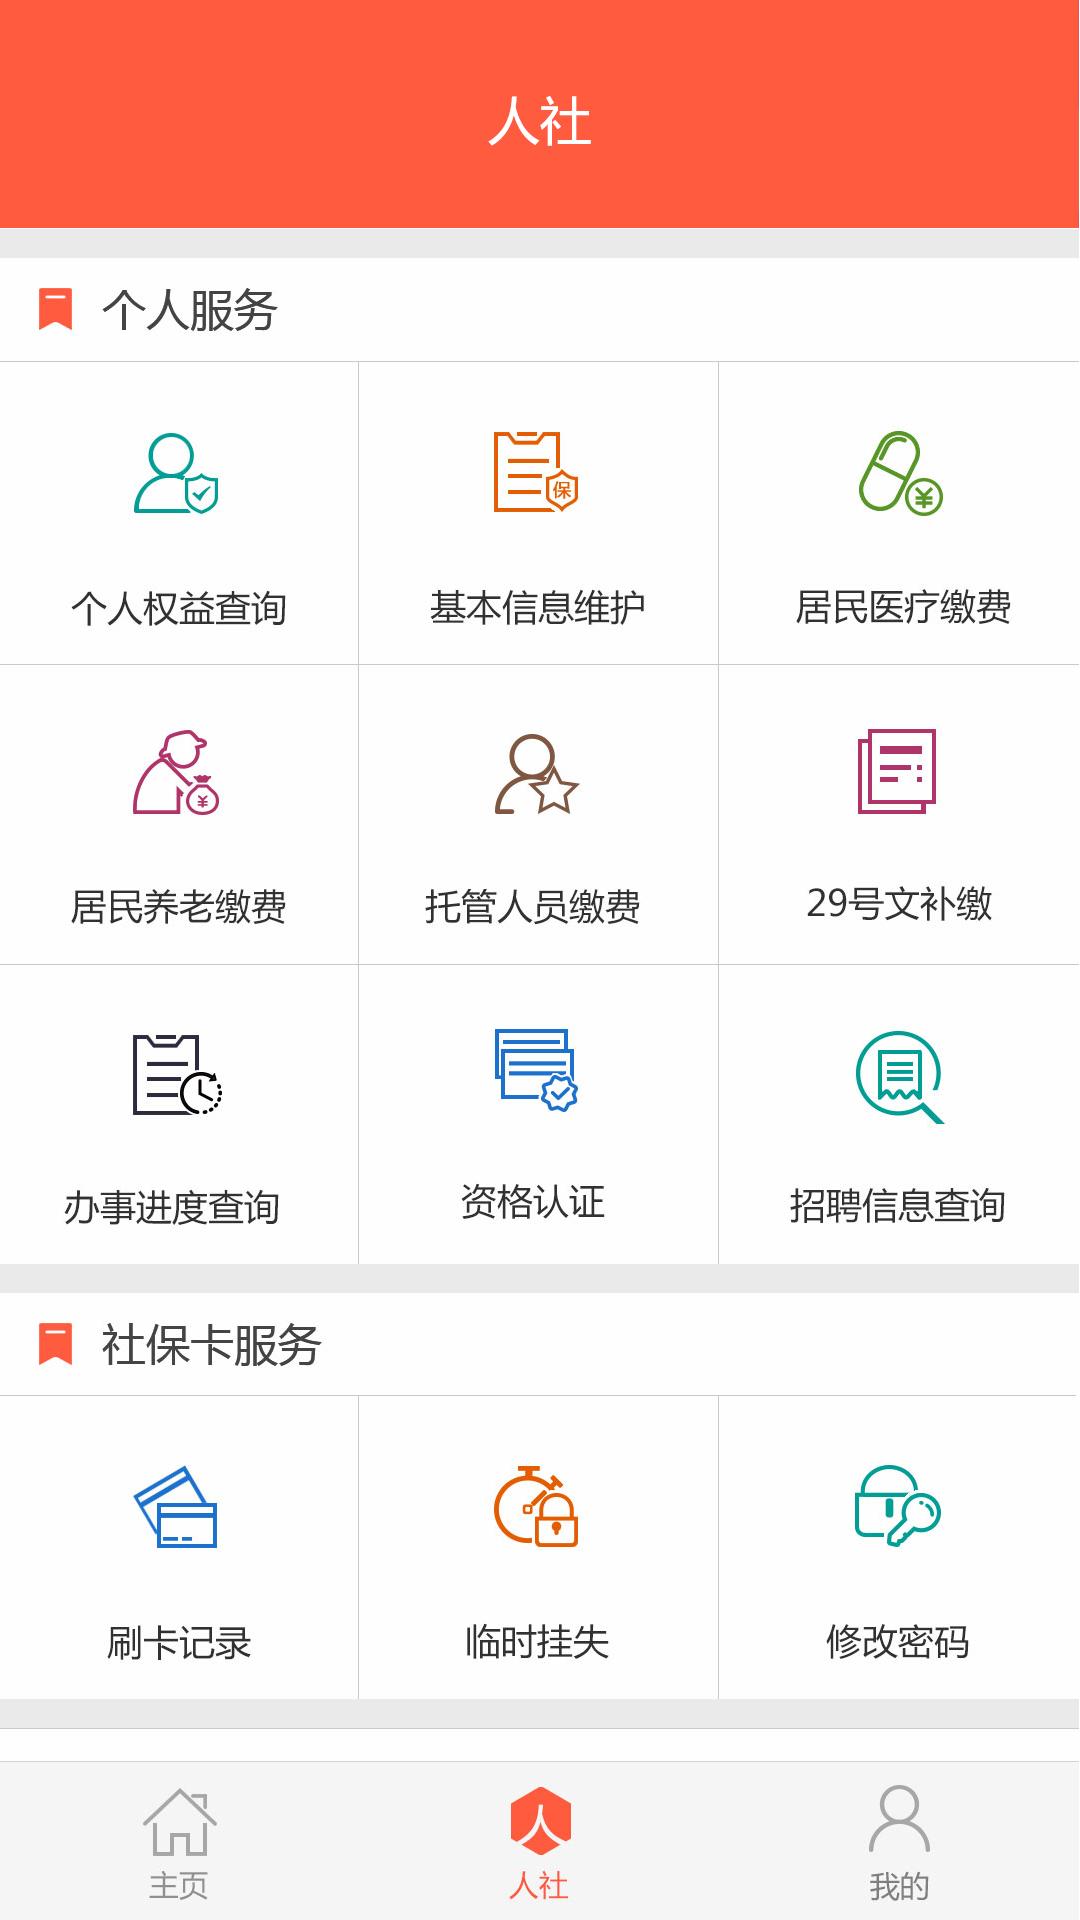 滨州智慧人社